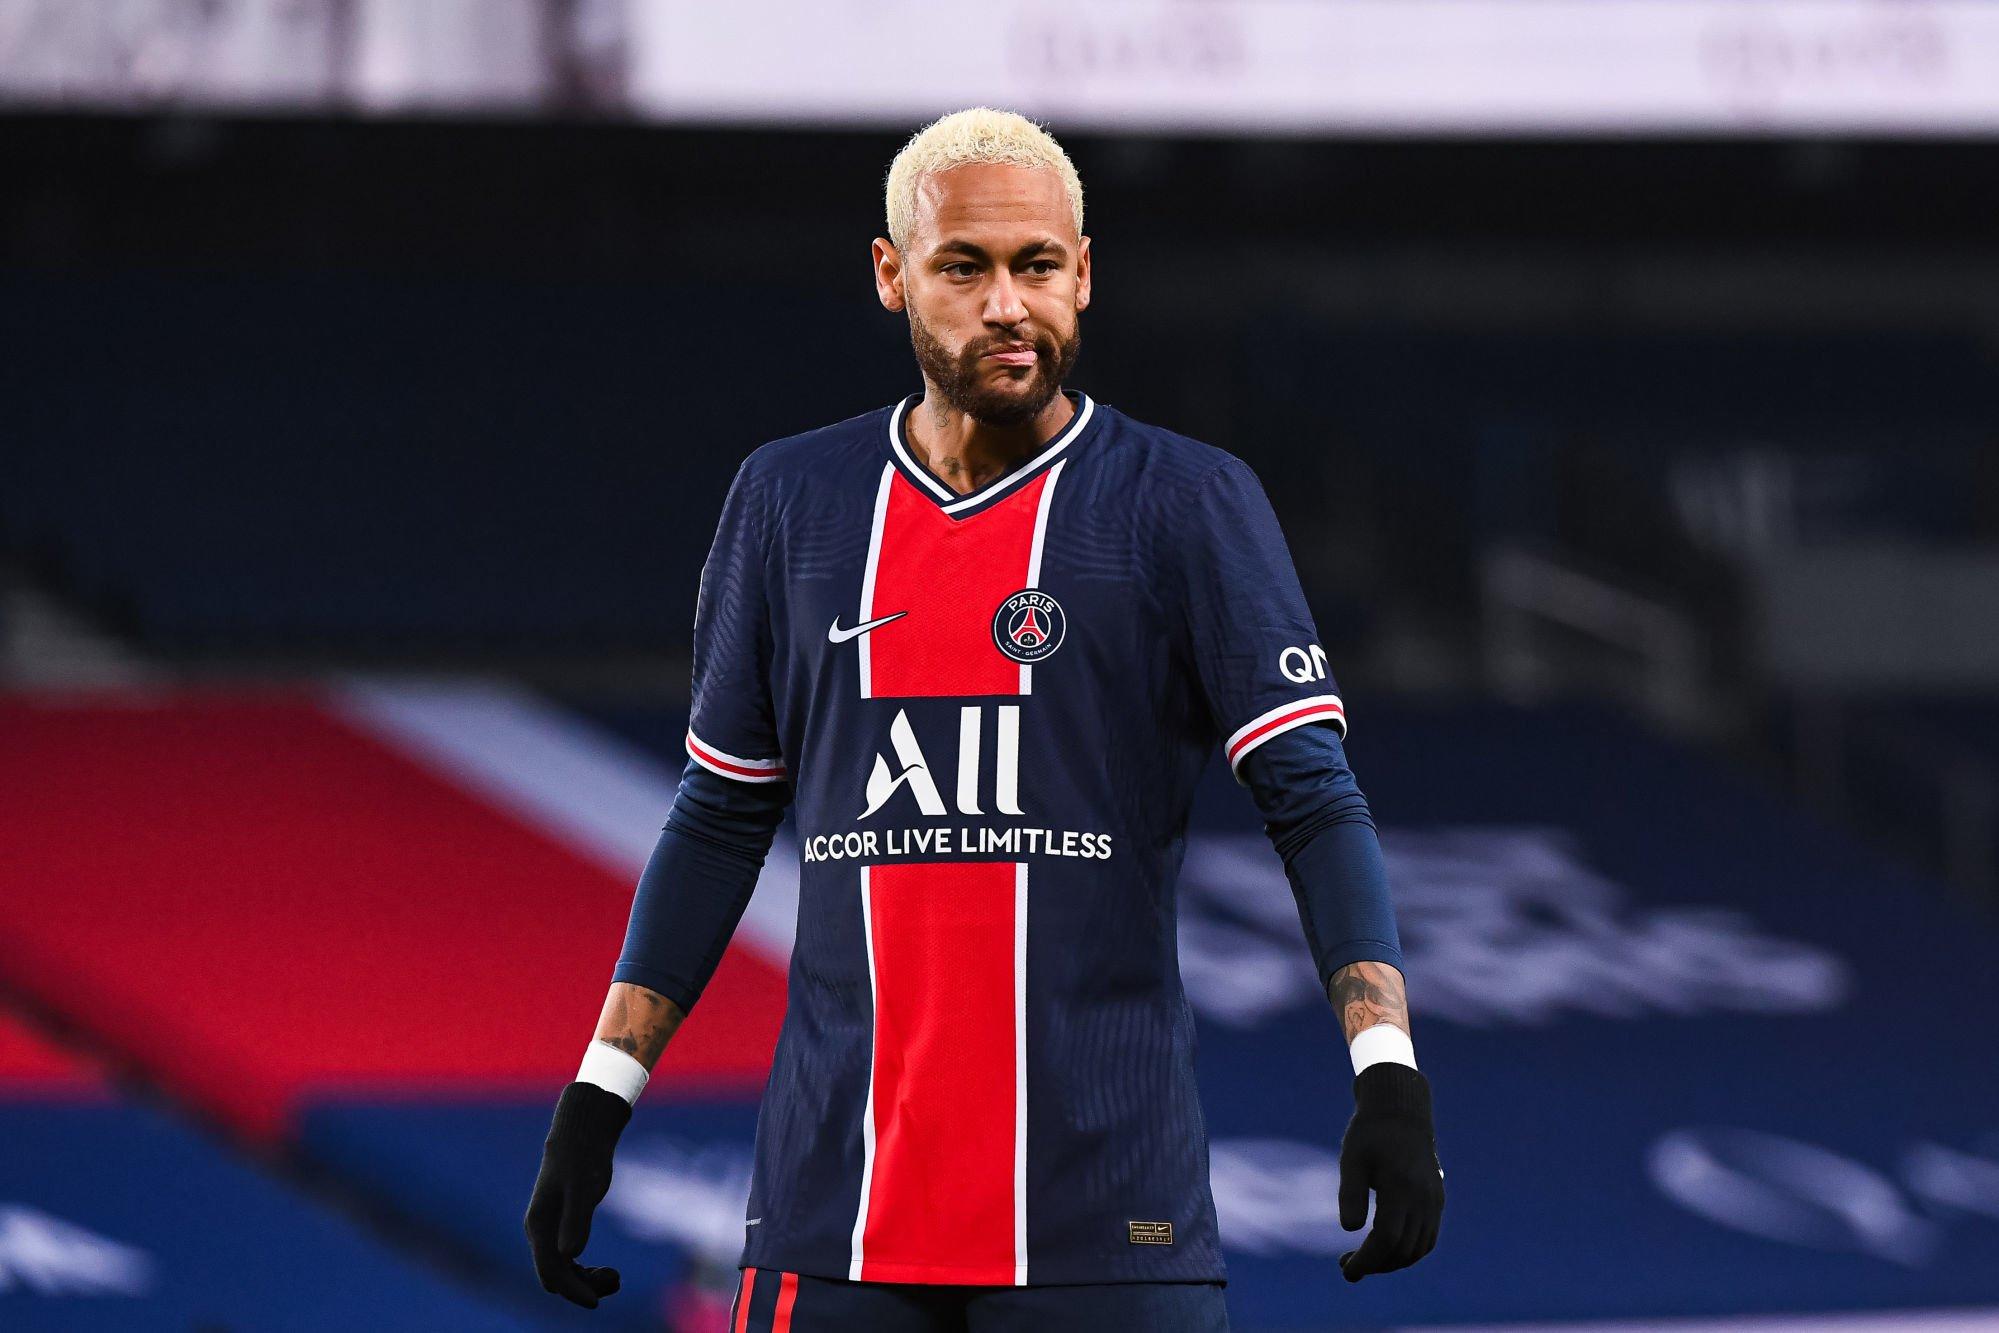 Le onze de légende du PSG selon Neymar